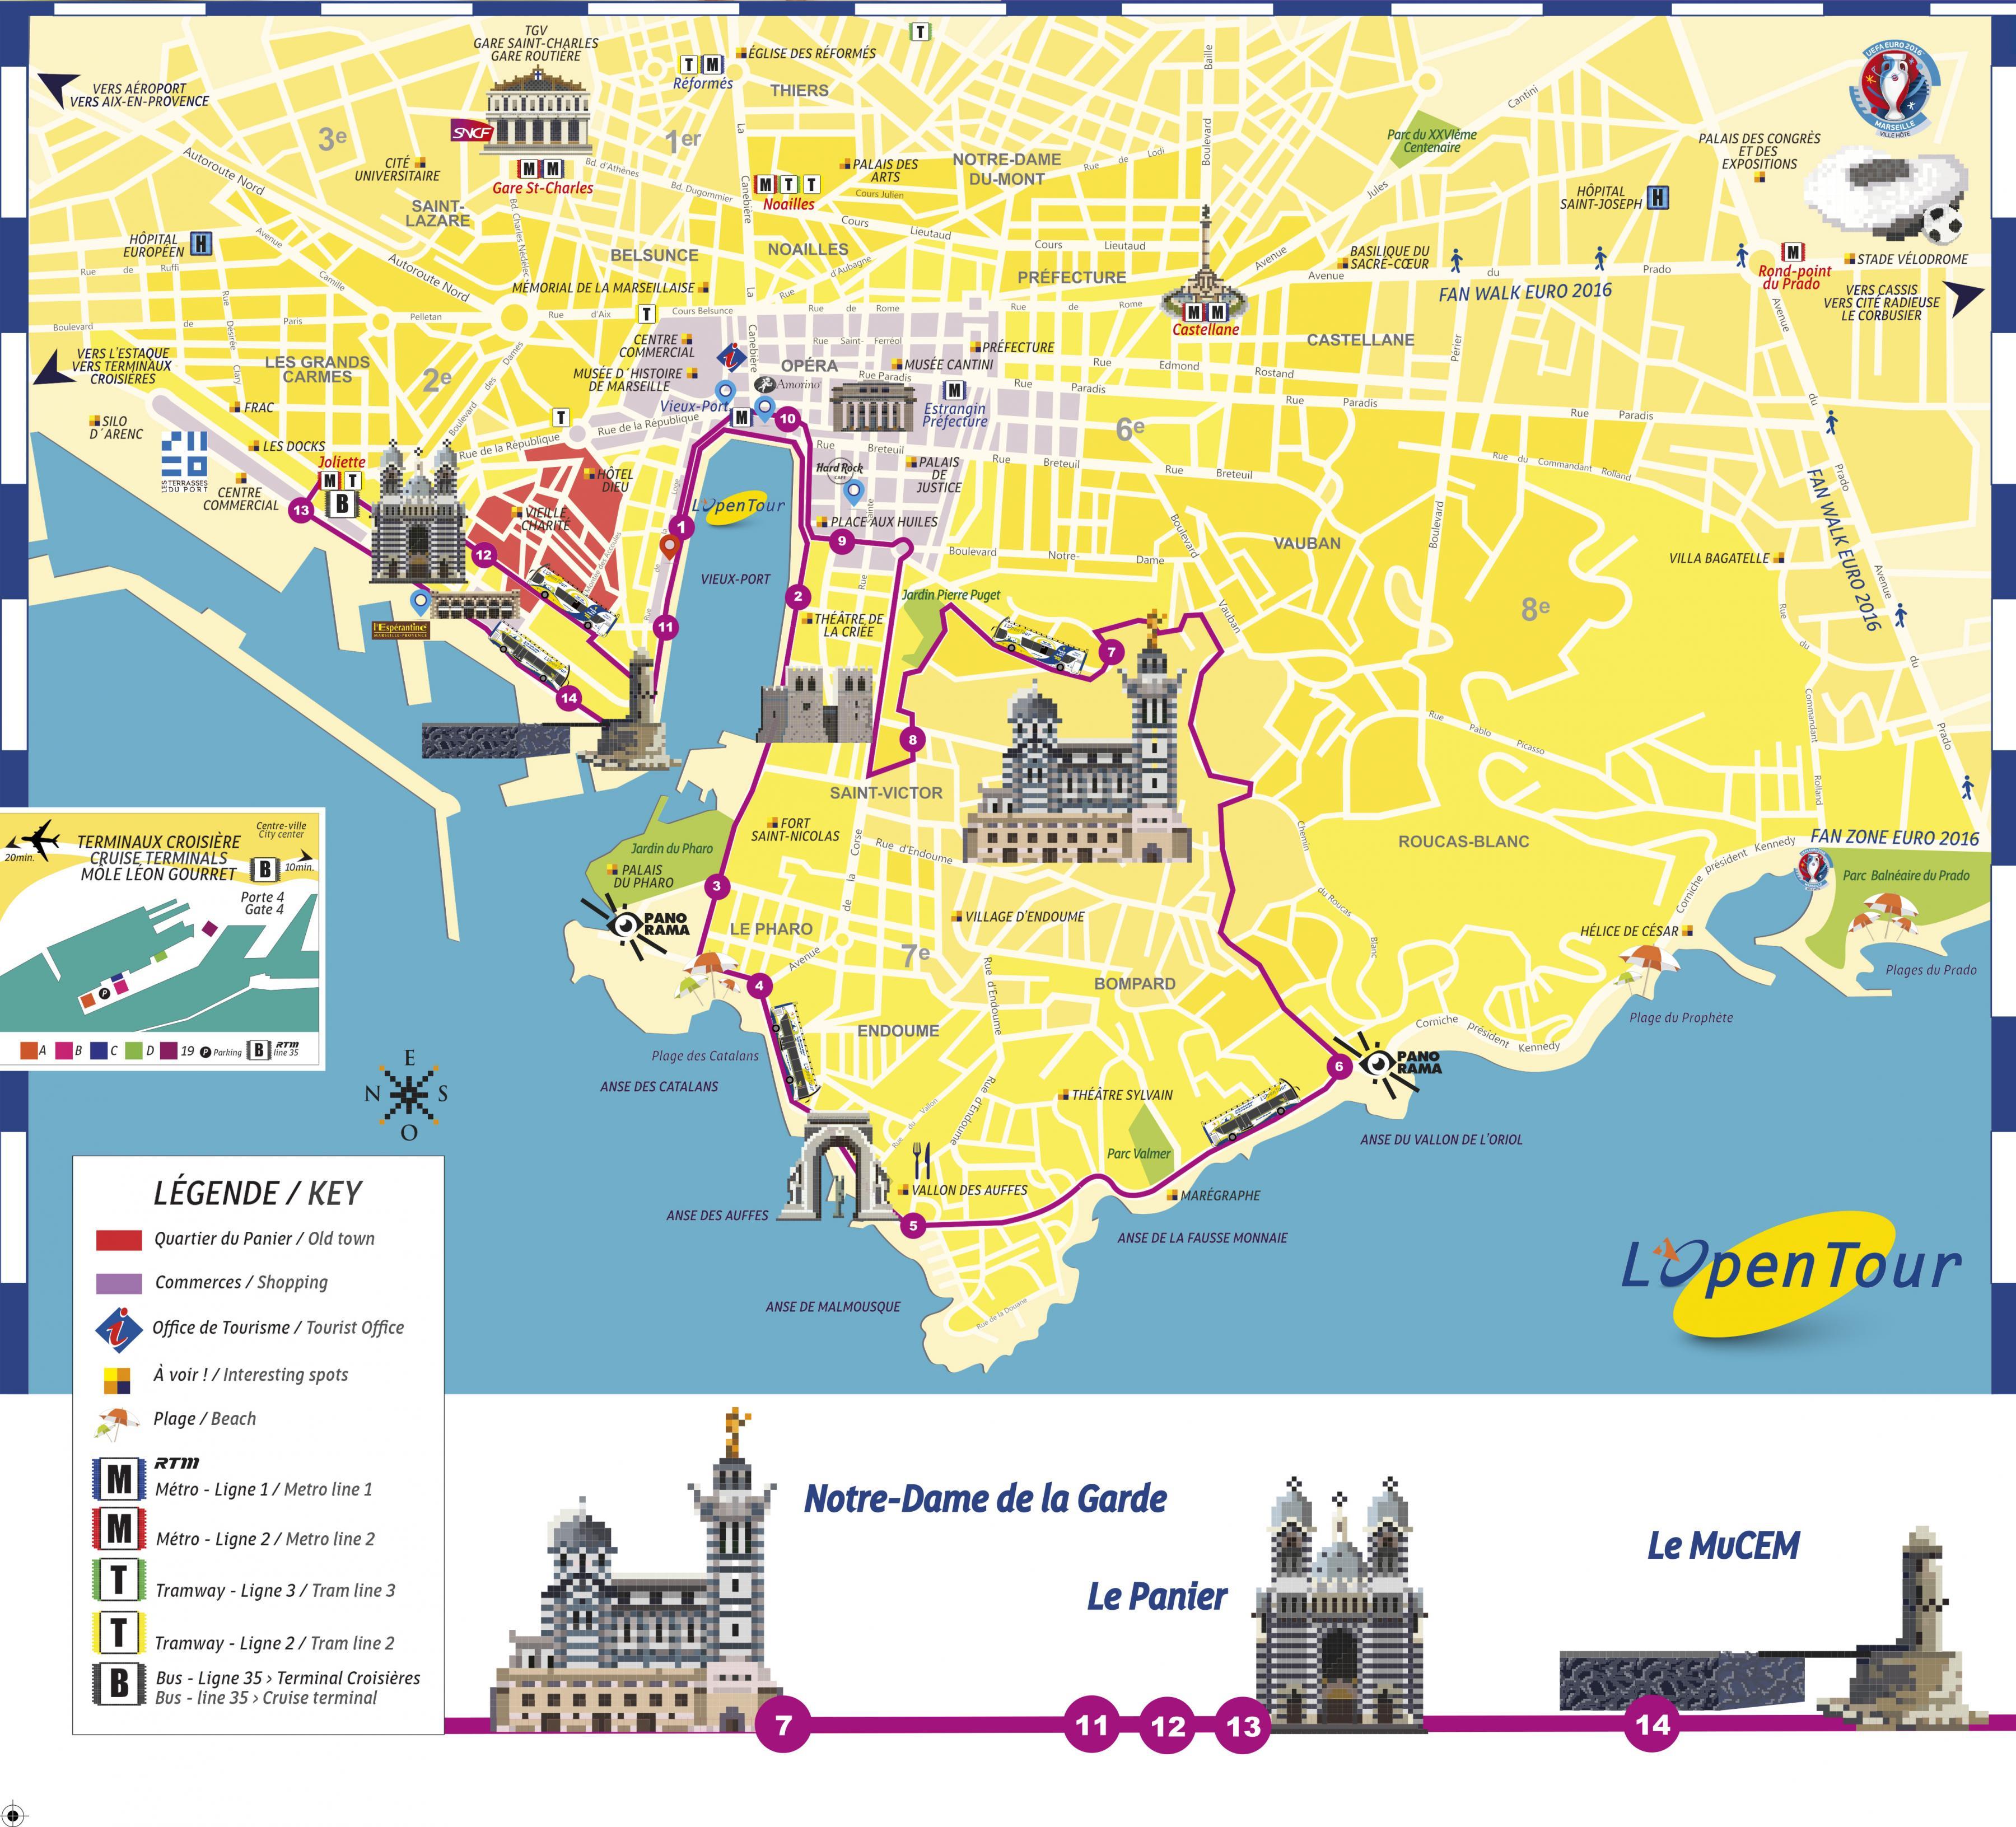 Hop on hop off de Marseille carte - Marseille hop on hop off bus de la carte de l'itinéraire (Provence-Alpes-Côte d Azur - France)